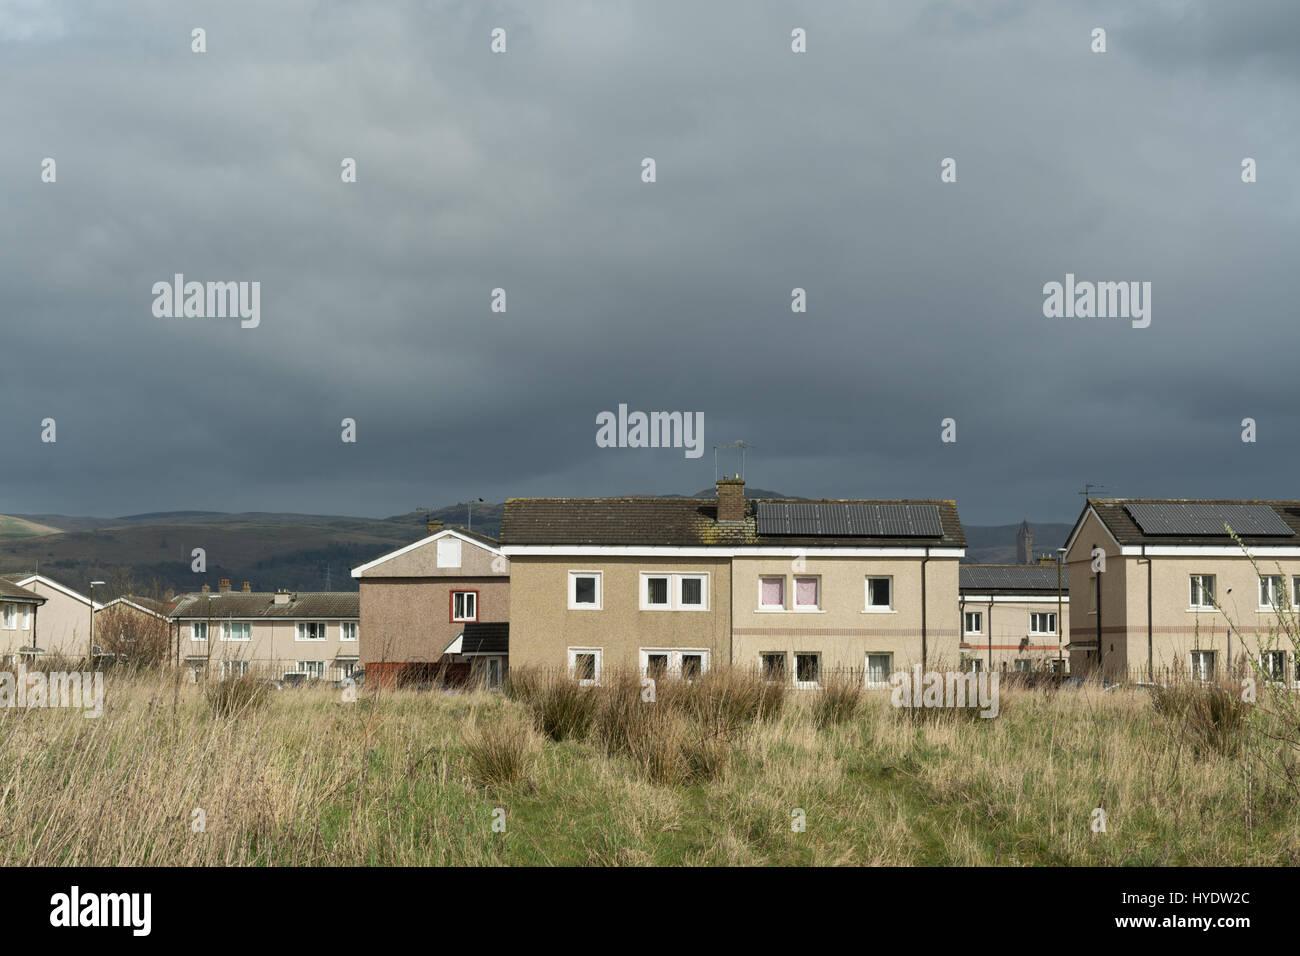 Raploch housing estate, Raploch, Stirling, Scotland, UK Stock Photo